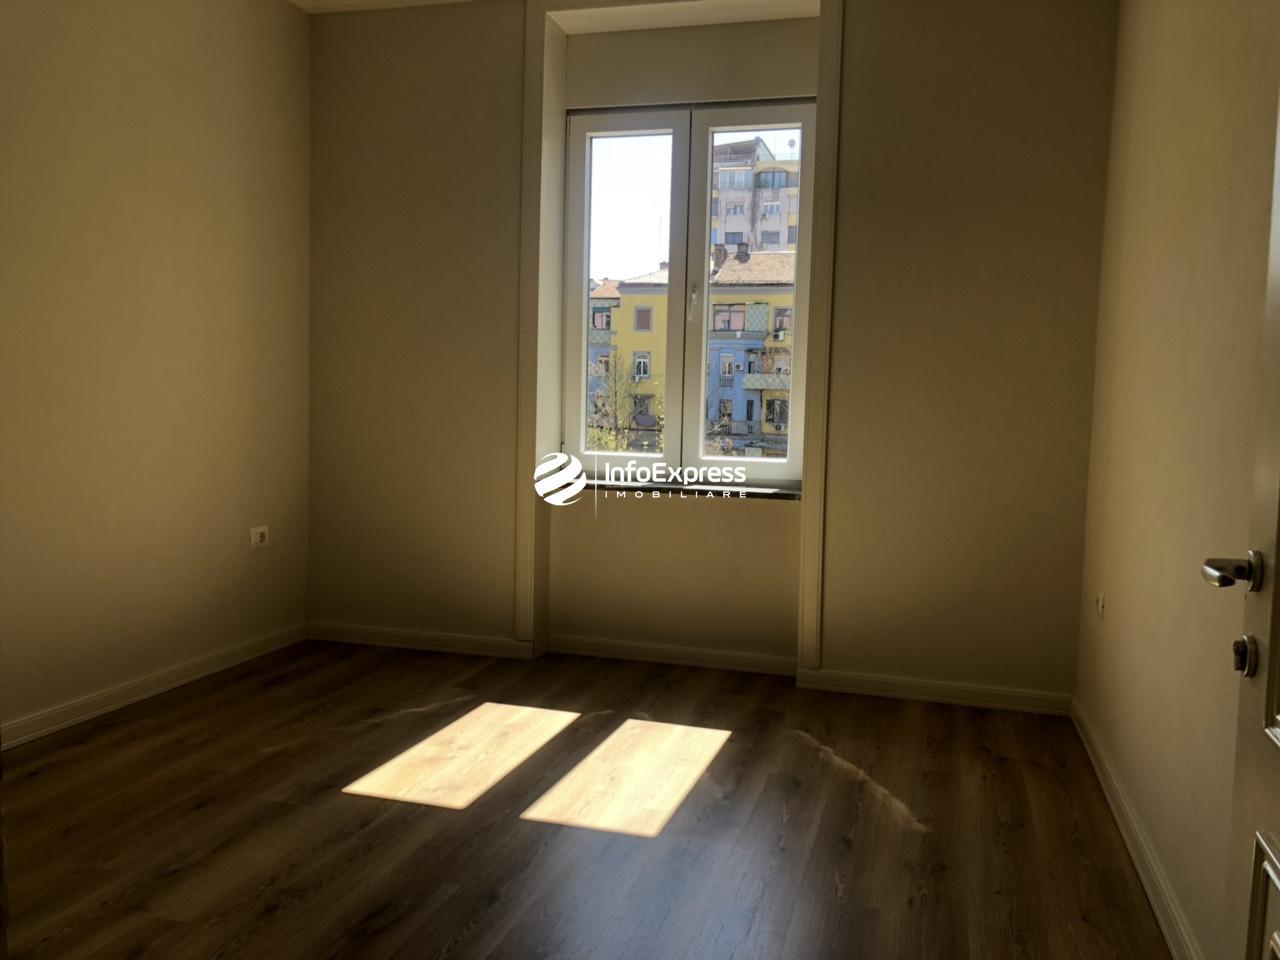 TRR-0618-1339 Jepet me qera apartament 2+1 per banim ose per zyra ndodhet prane shallvareve ne qender